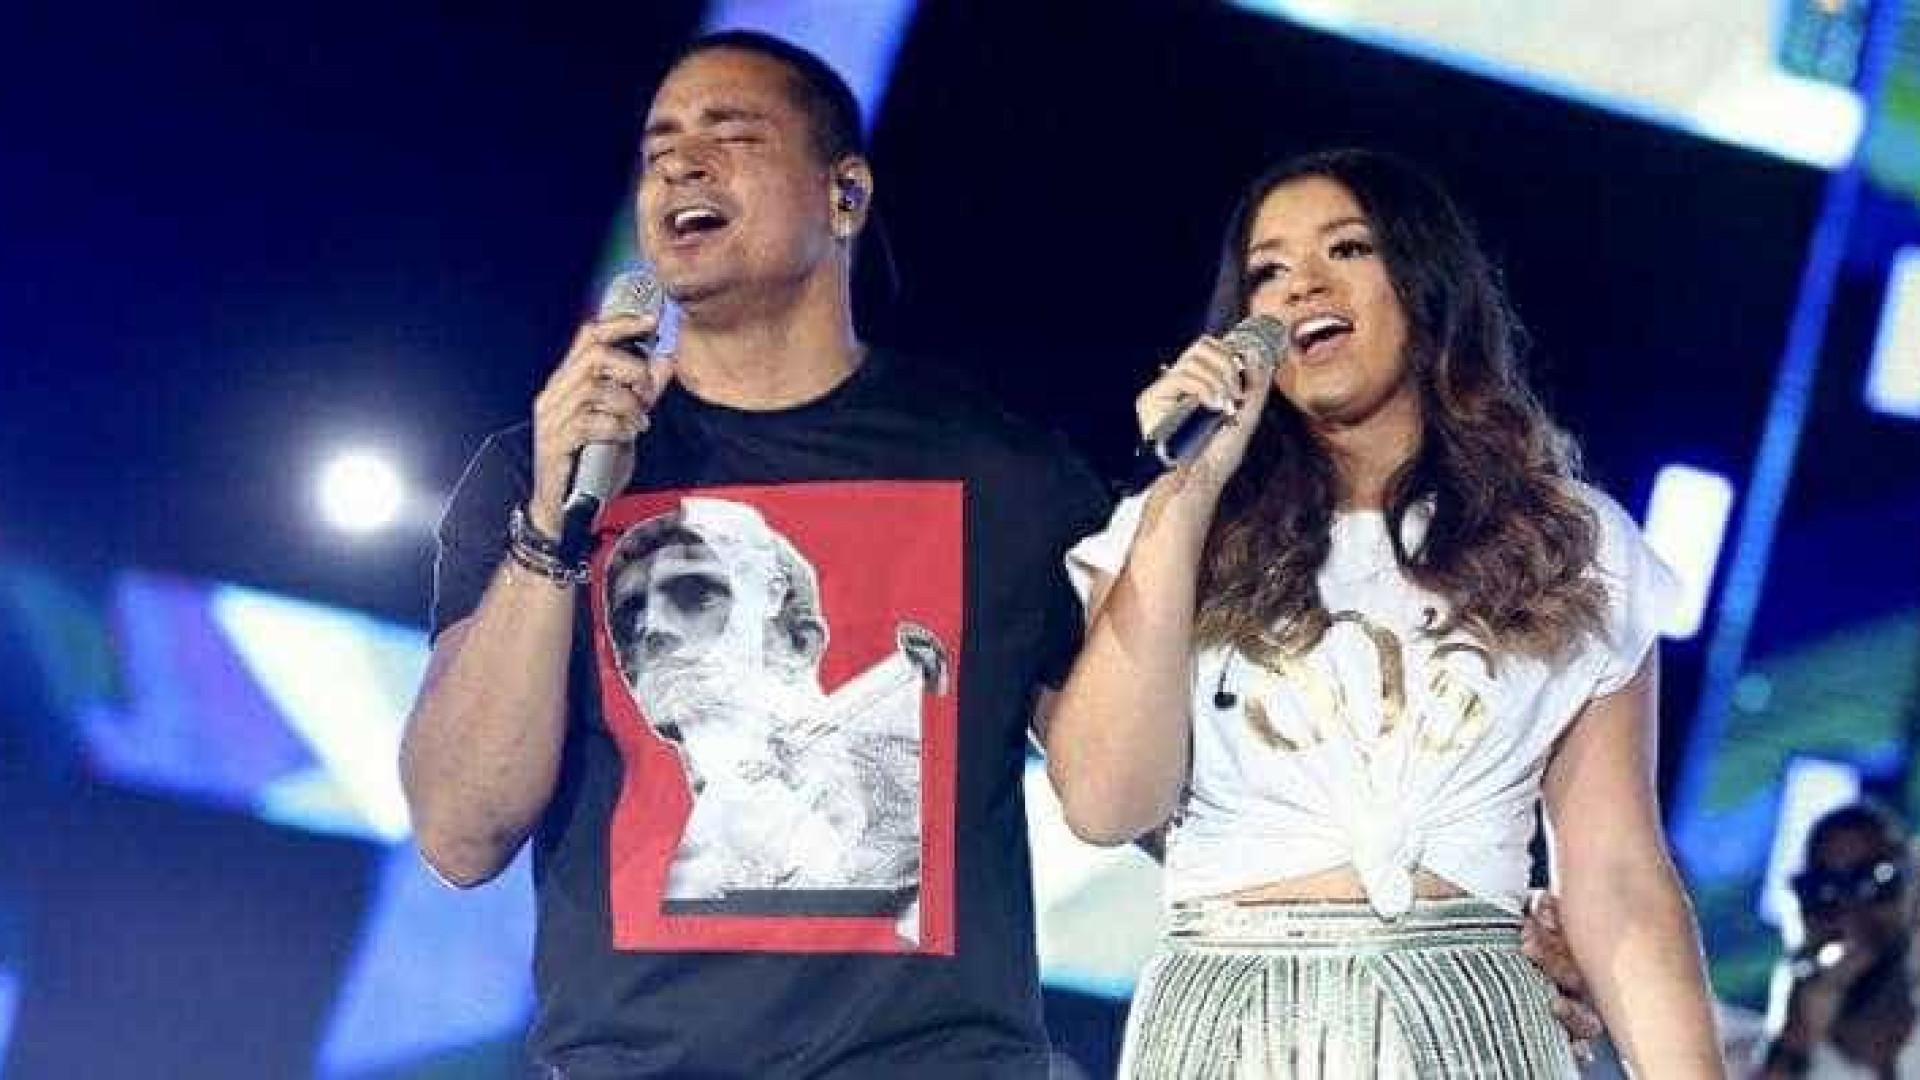 Xanddy divulga música com a filha, Camilly: 'Vai ficar pra história'